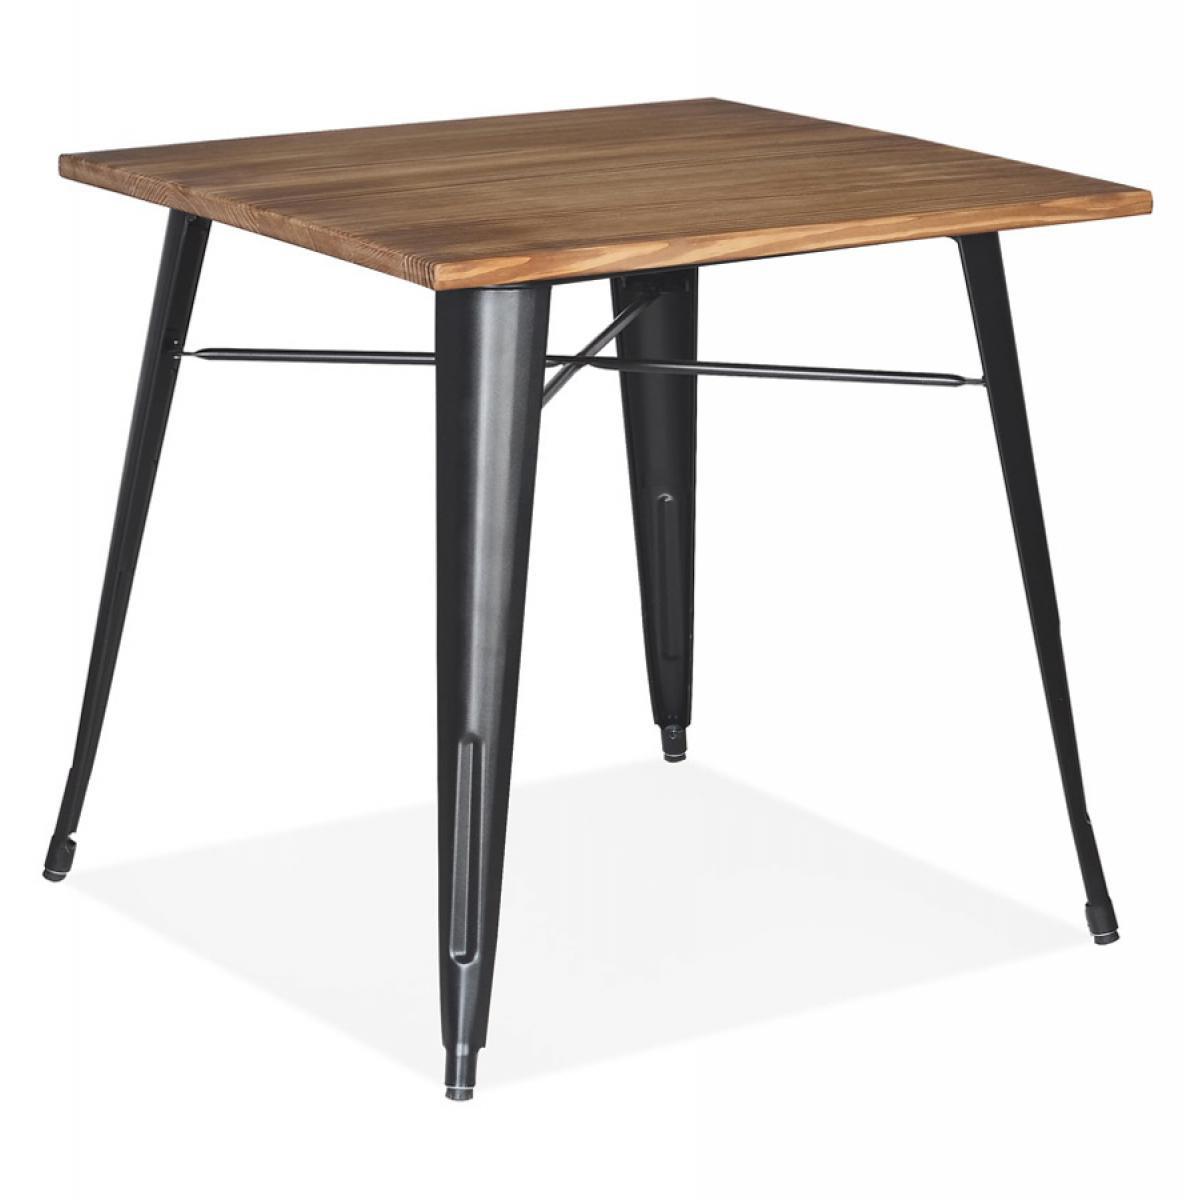 Alterego Table carrée style industriel 'MARCUS' en bois foncé et pieds en métal noir - 76x76 cm